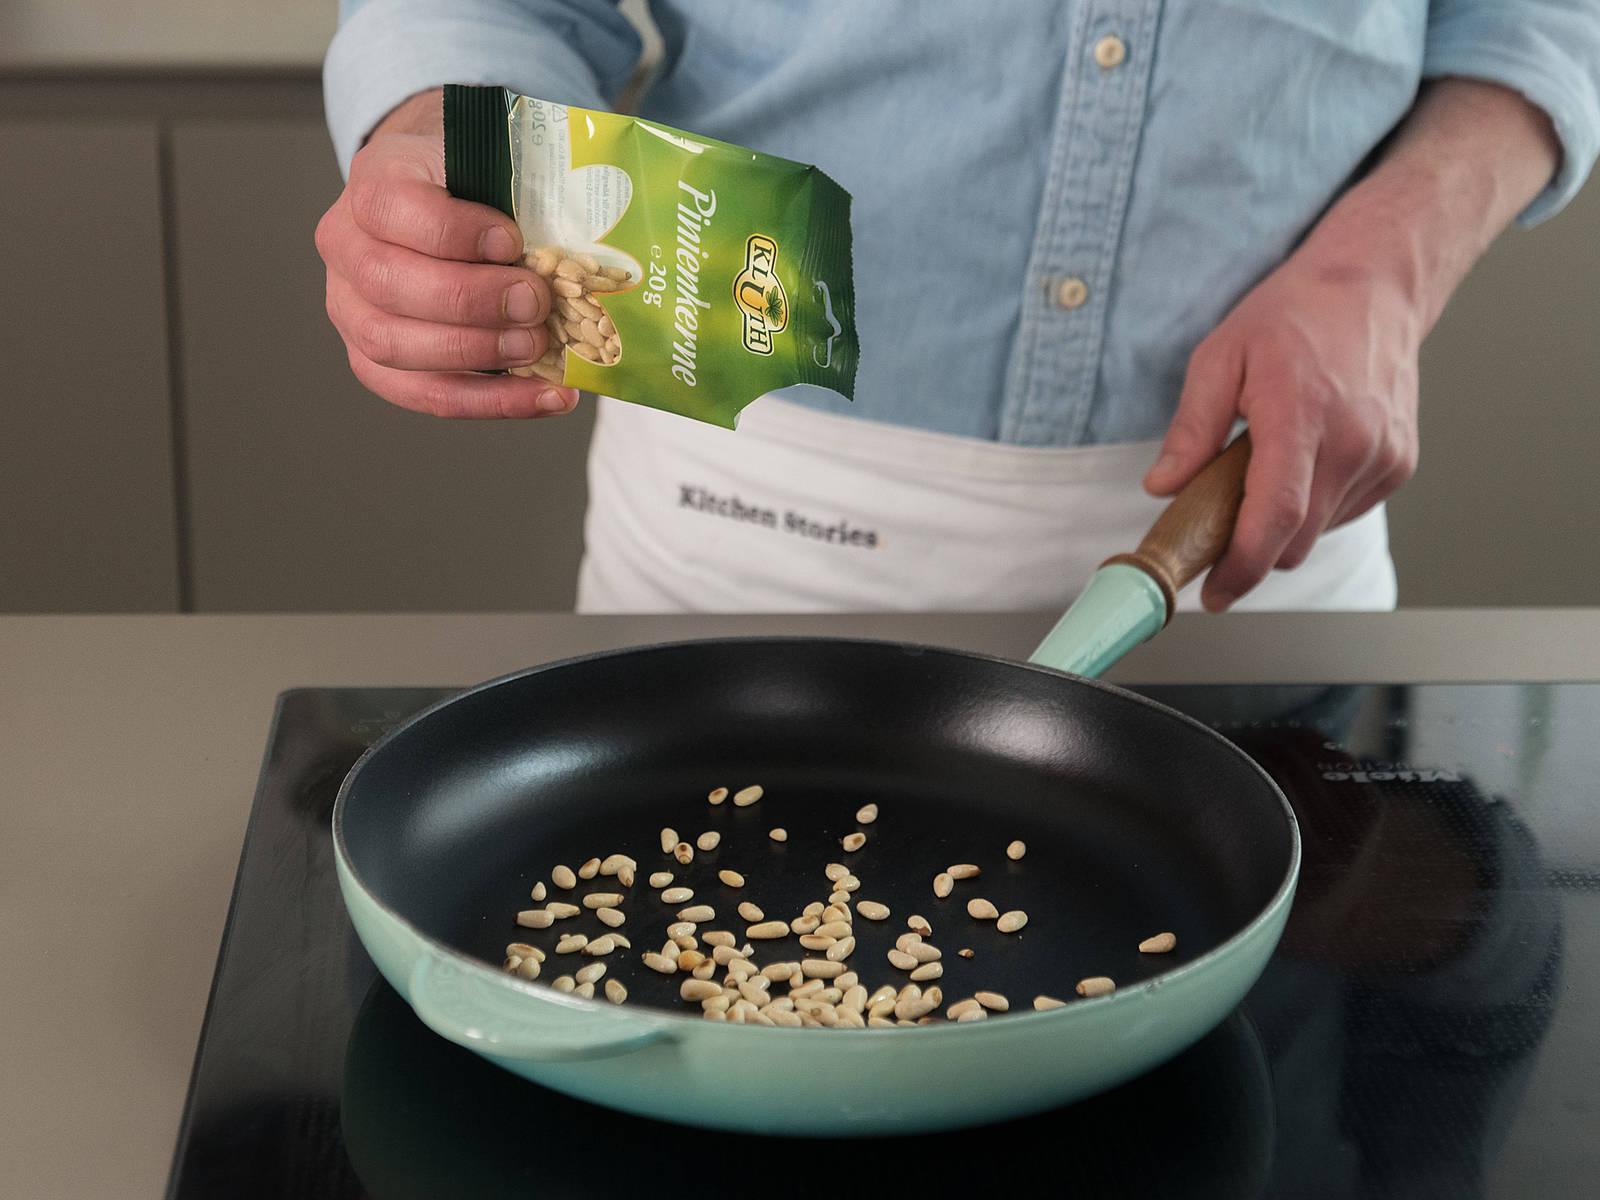 Pinienkerne in einer kleinen Pfanne ca. 3 - 4 Min. bei mittlerer Hitze rösten bis sie gebräunt sind.